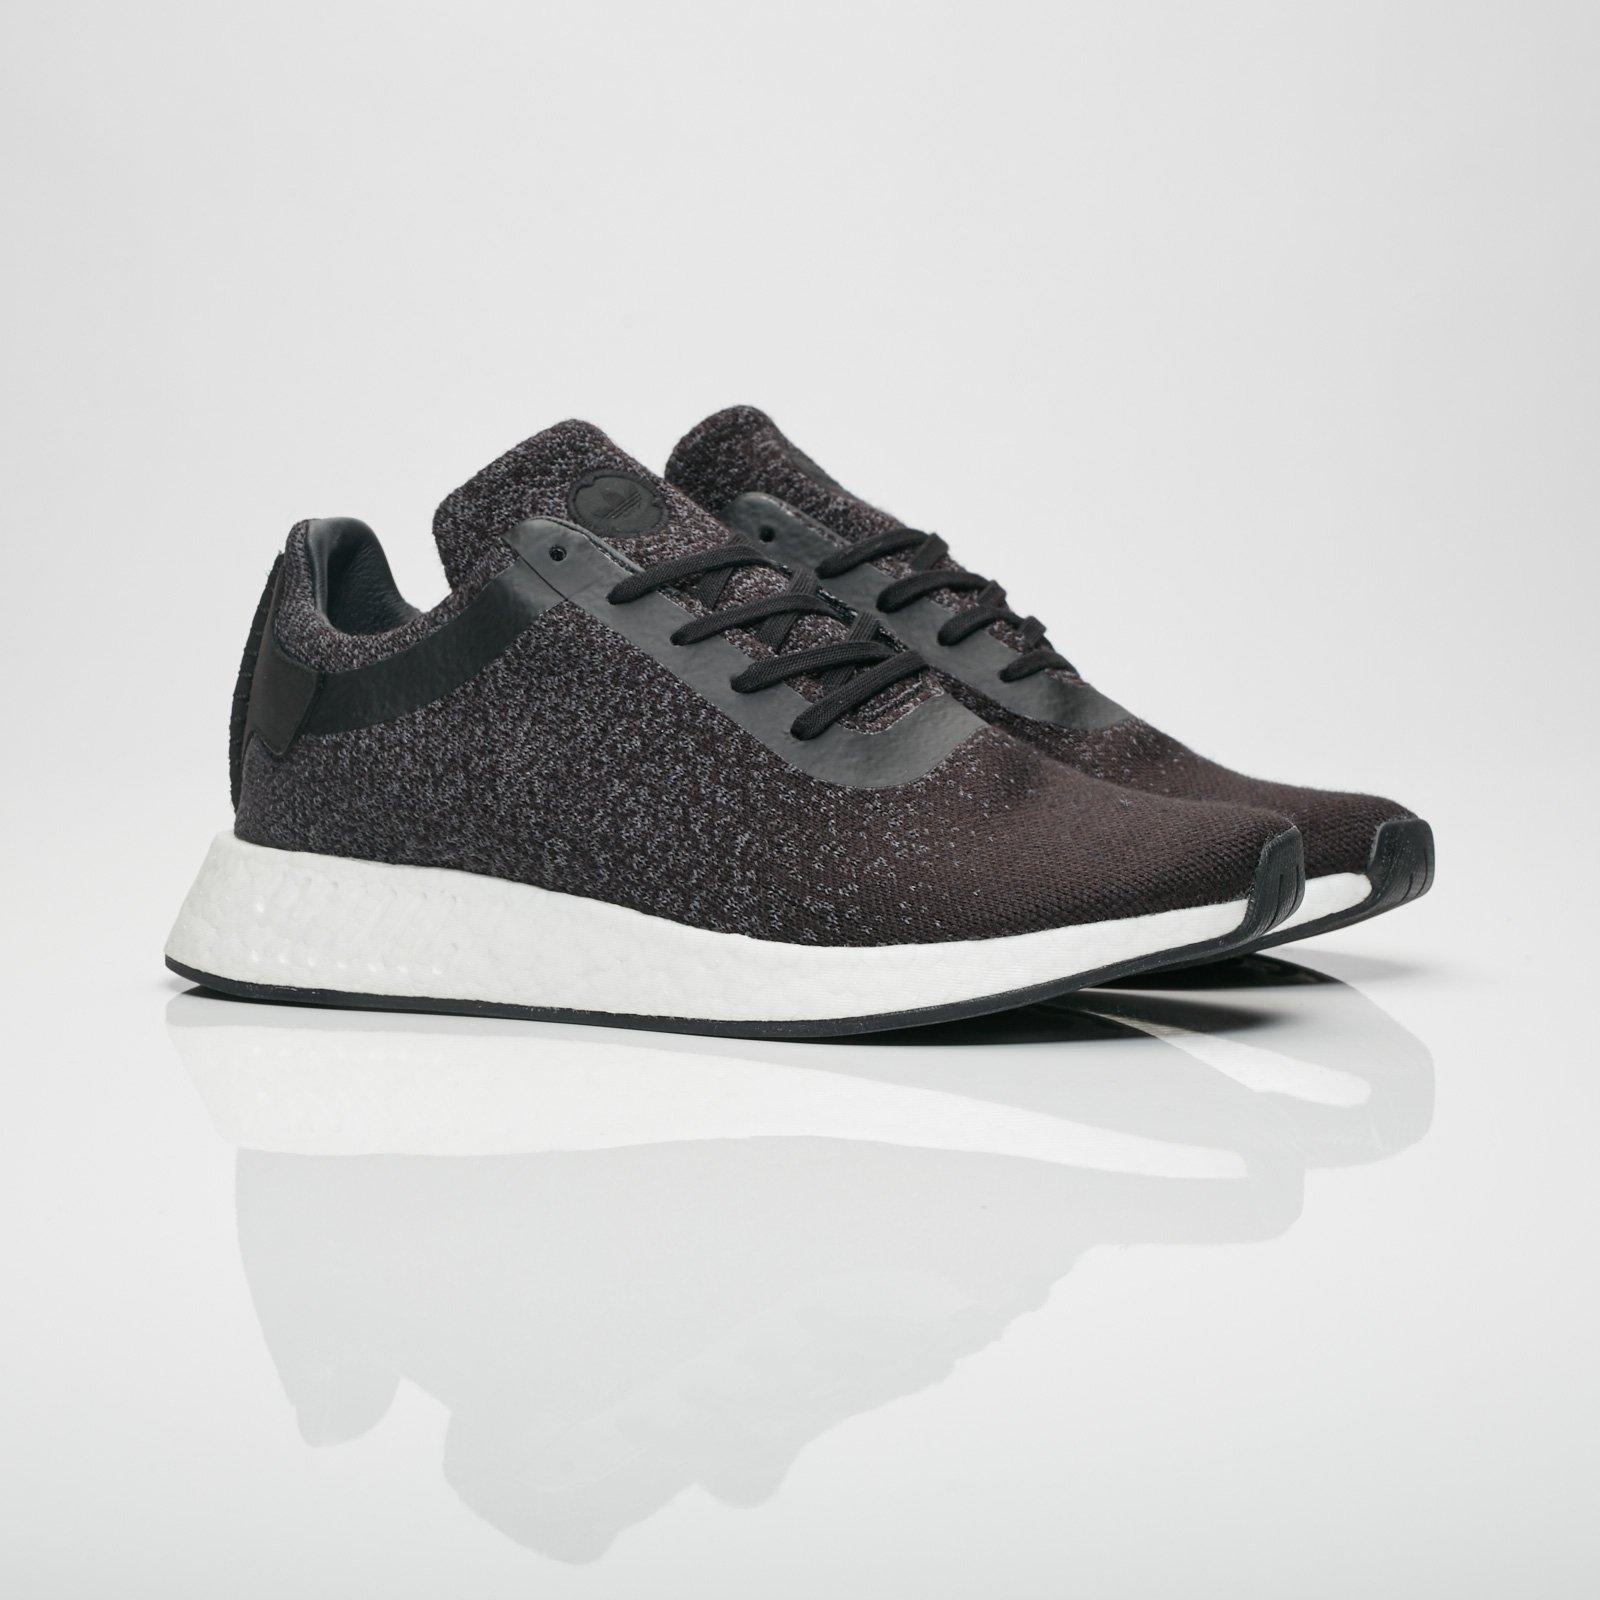 e55688d1d adidas NMD R2 PK - Cp9550 - Sneakersnstuff